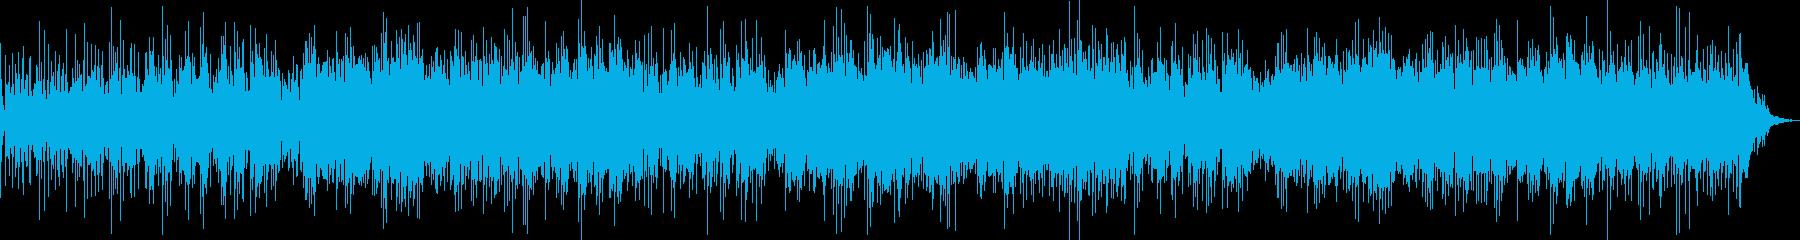 穏やかなギターボサノヴァ風サウンドの再生済みの波形